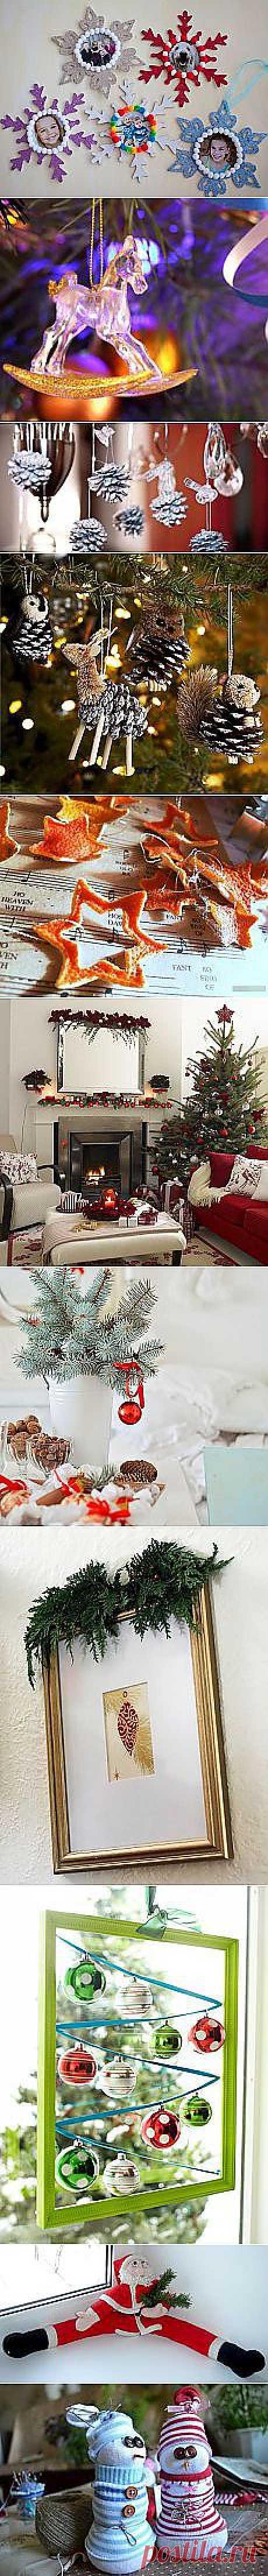 Дед Мороз: Готовим дом к Новому году | Постила.ru